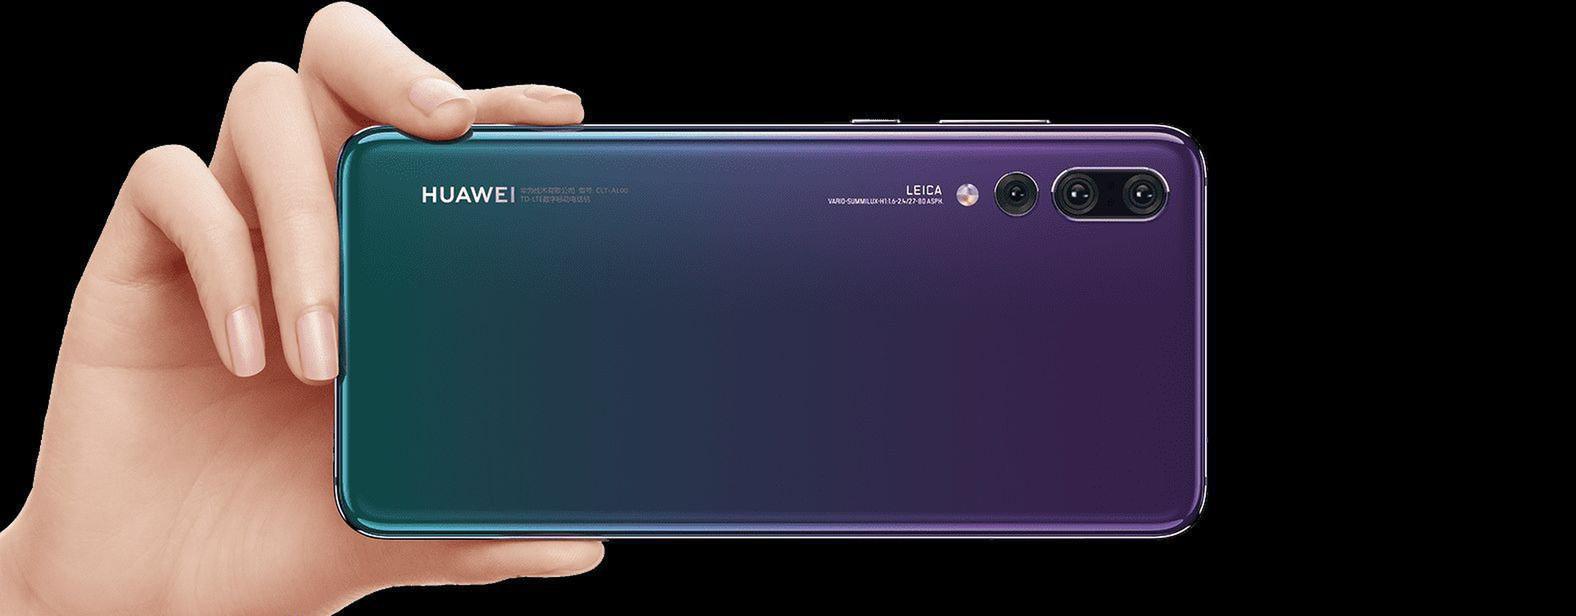 huawei p20 pro i sztuczna inteligencja w smartfonie